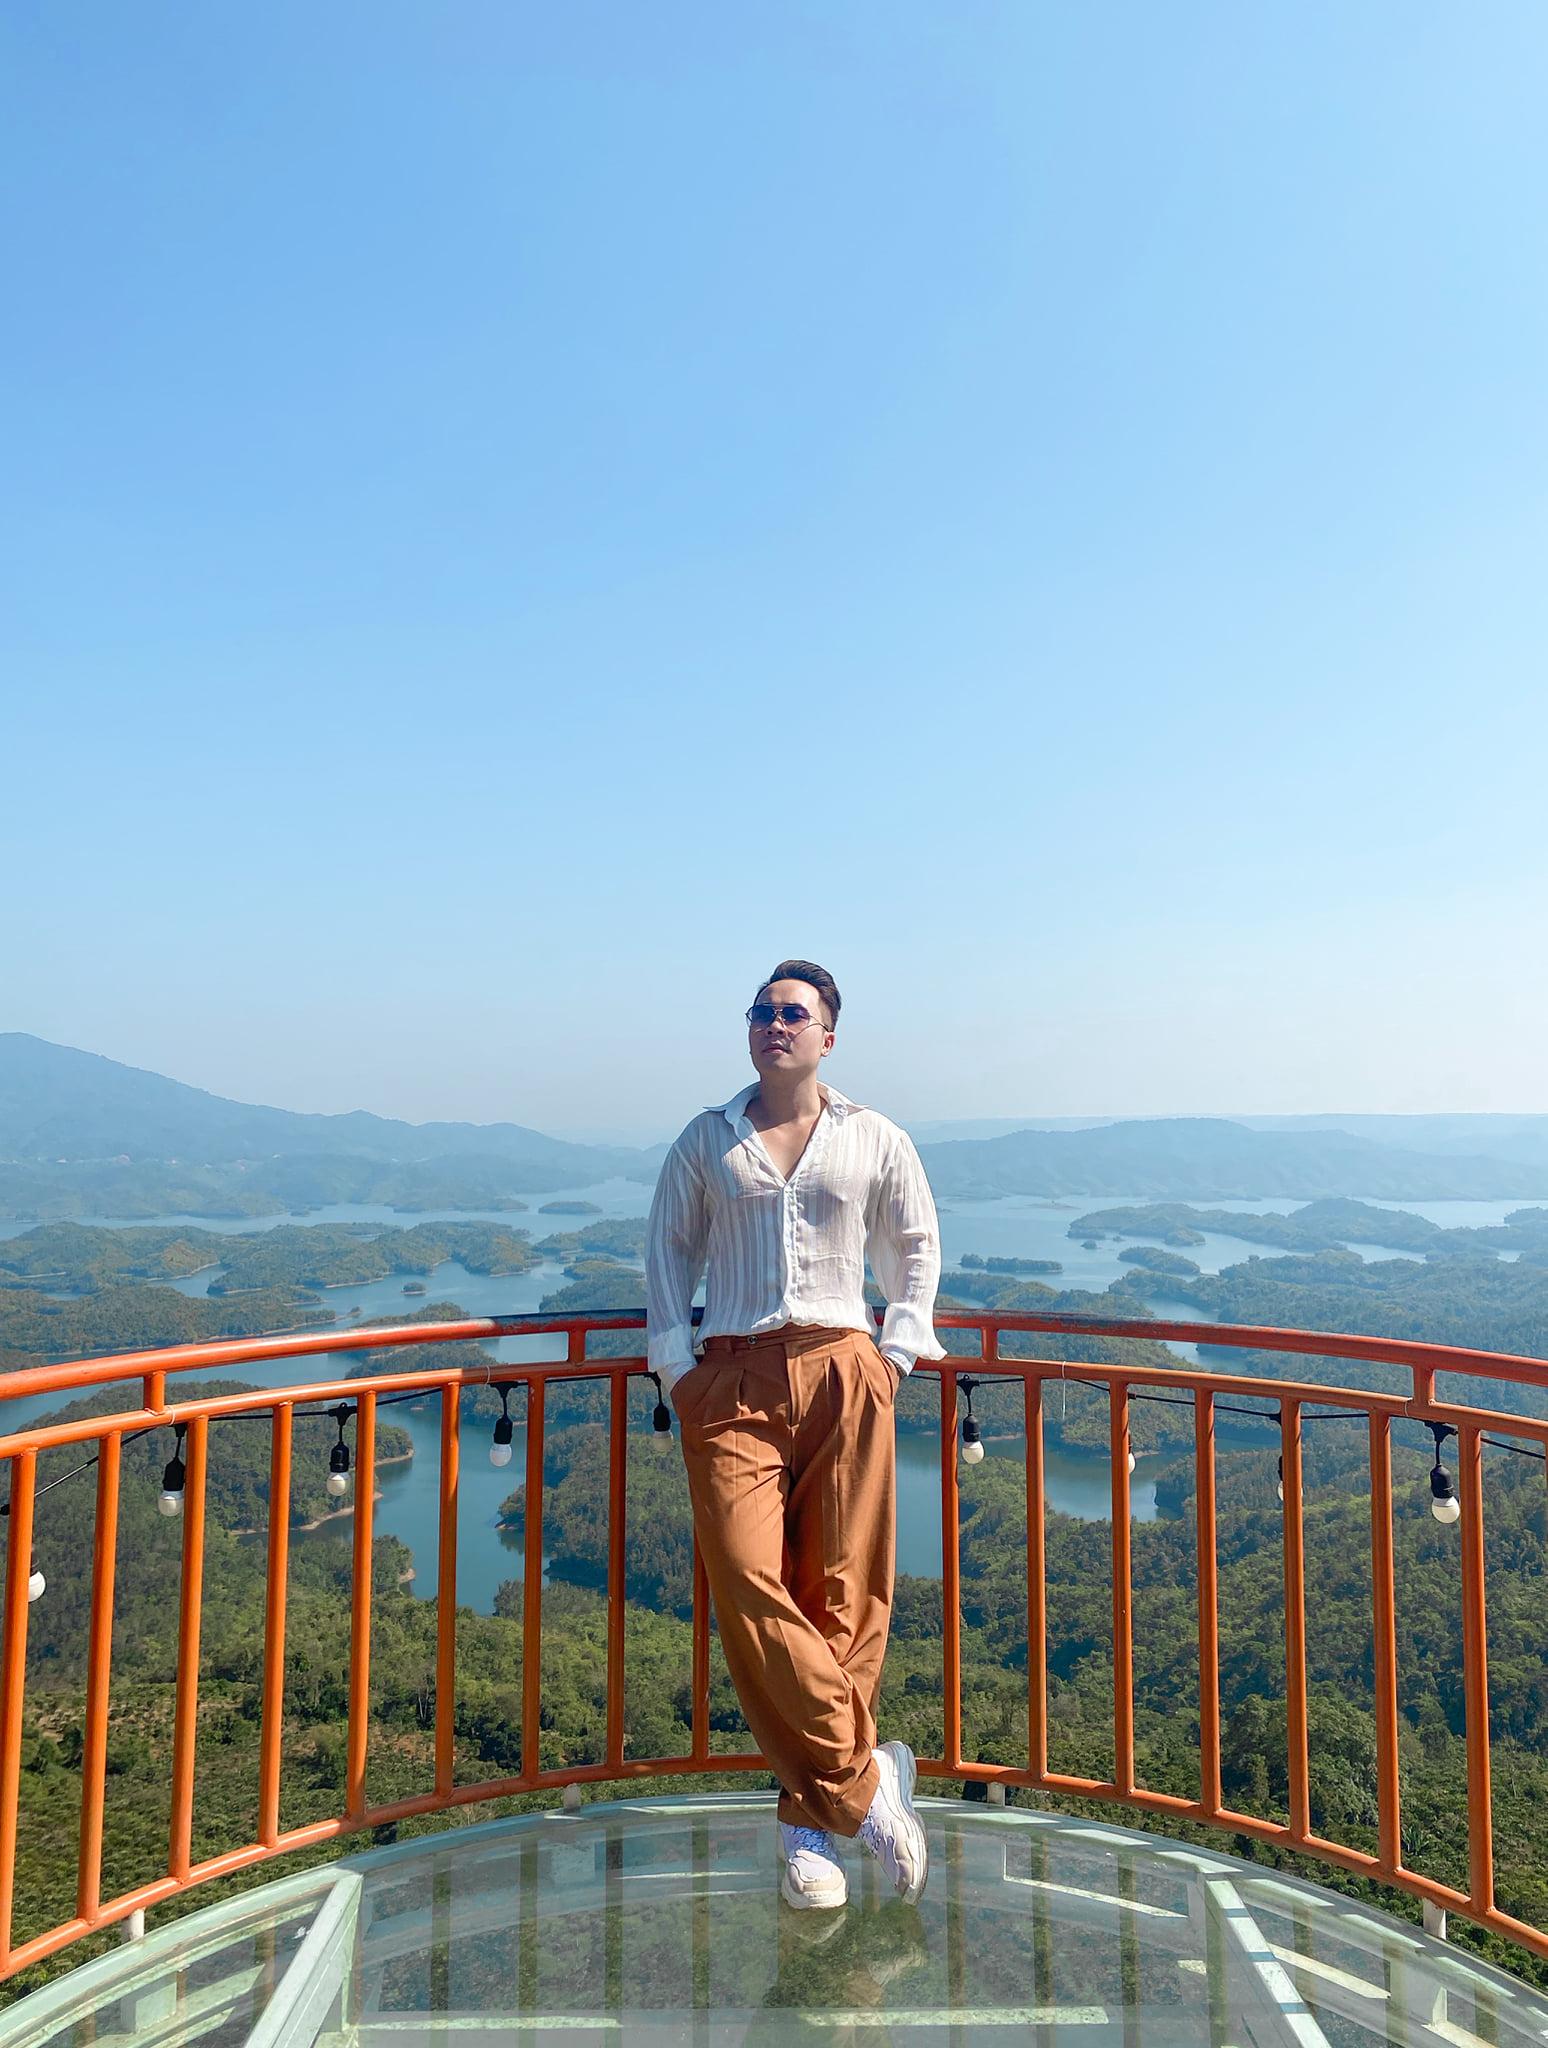 du lịch ở Tà Đùng